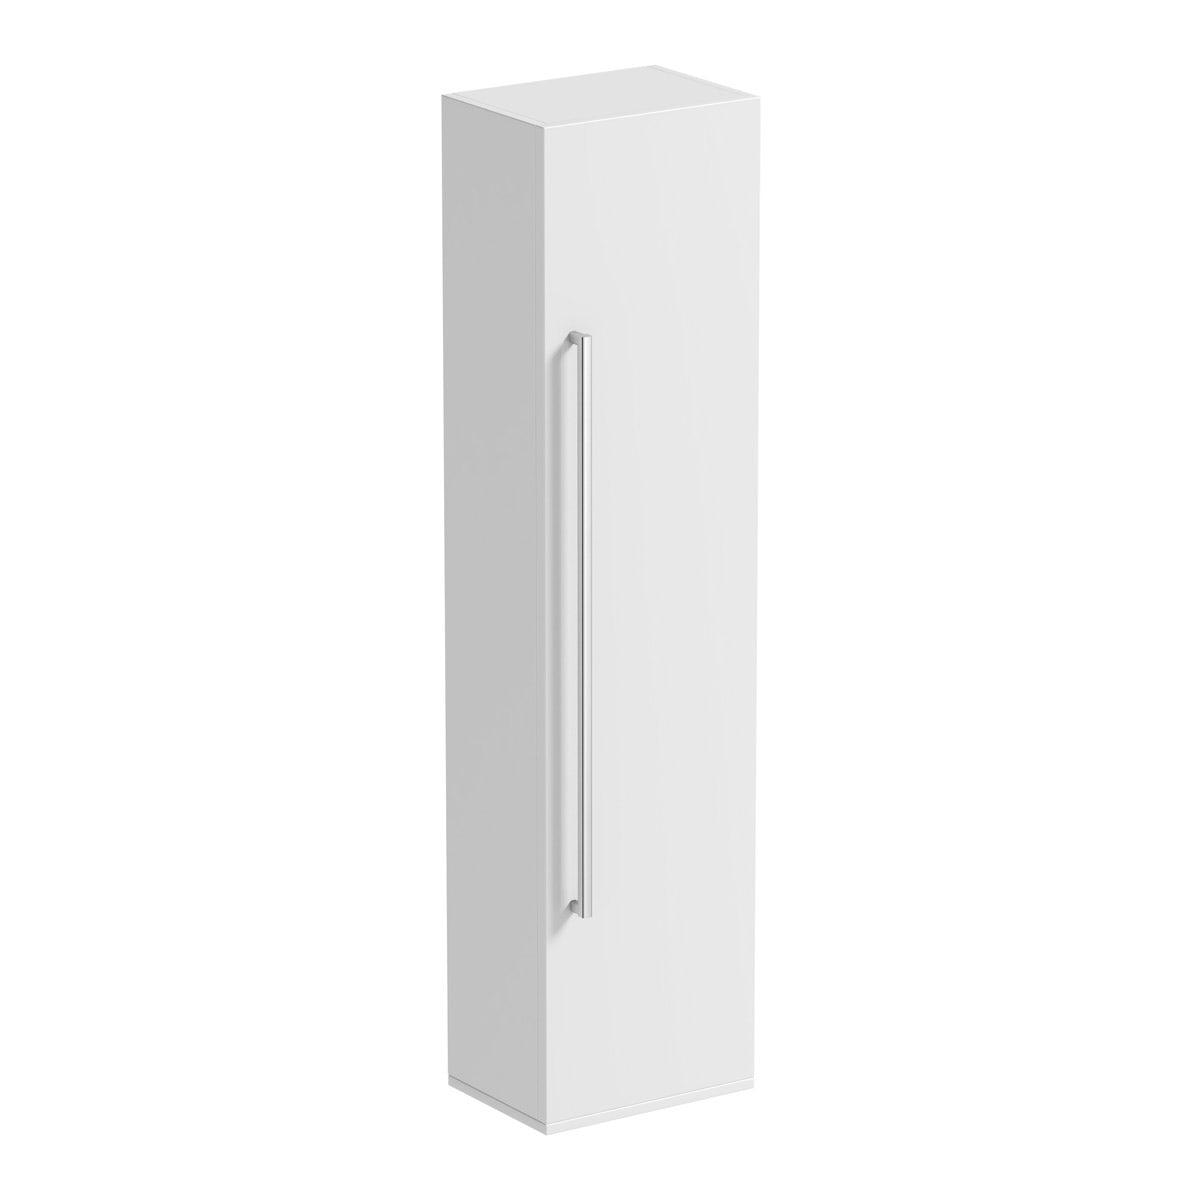 Orchard Derwent white tall storage cabinet